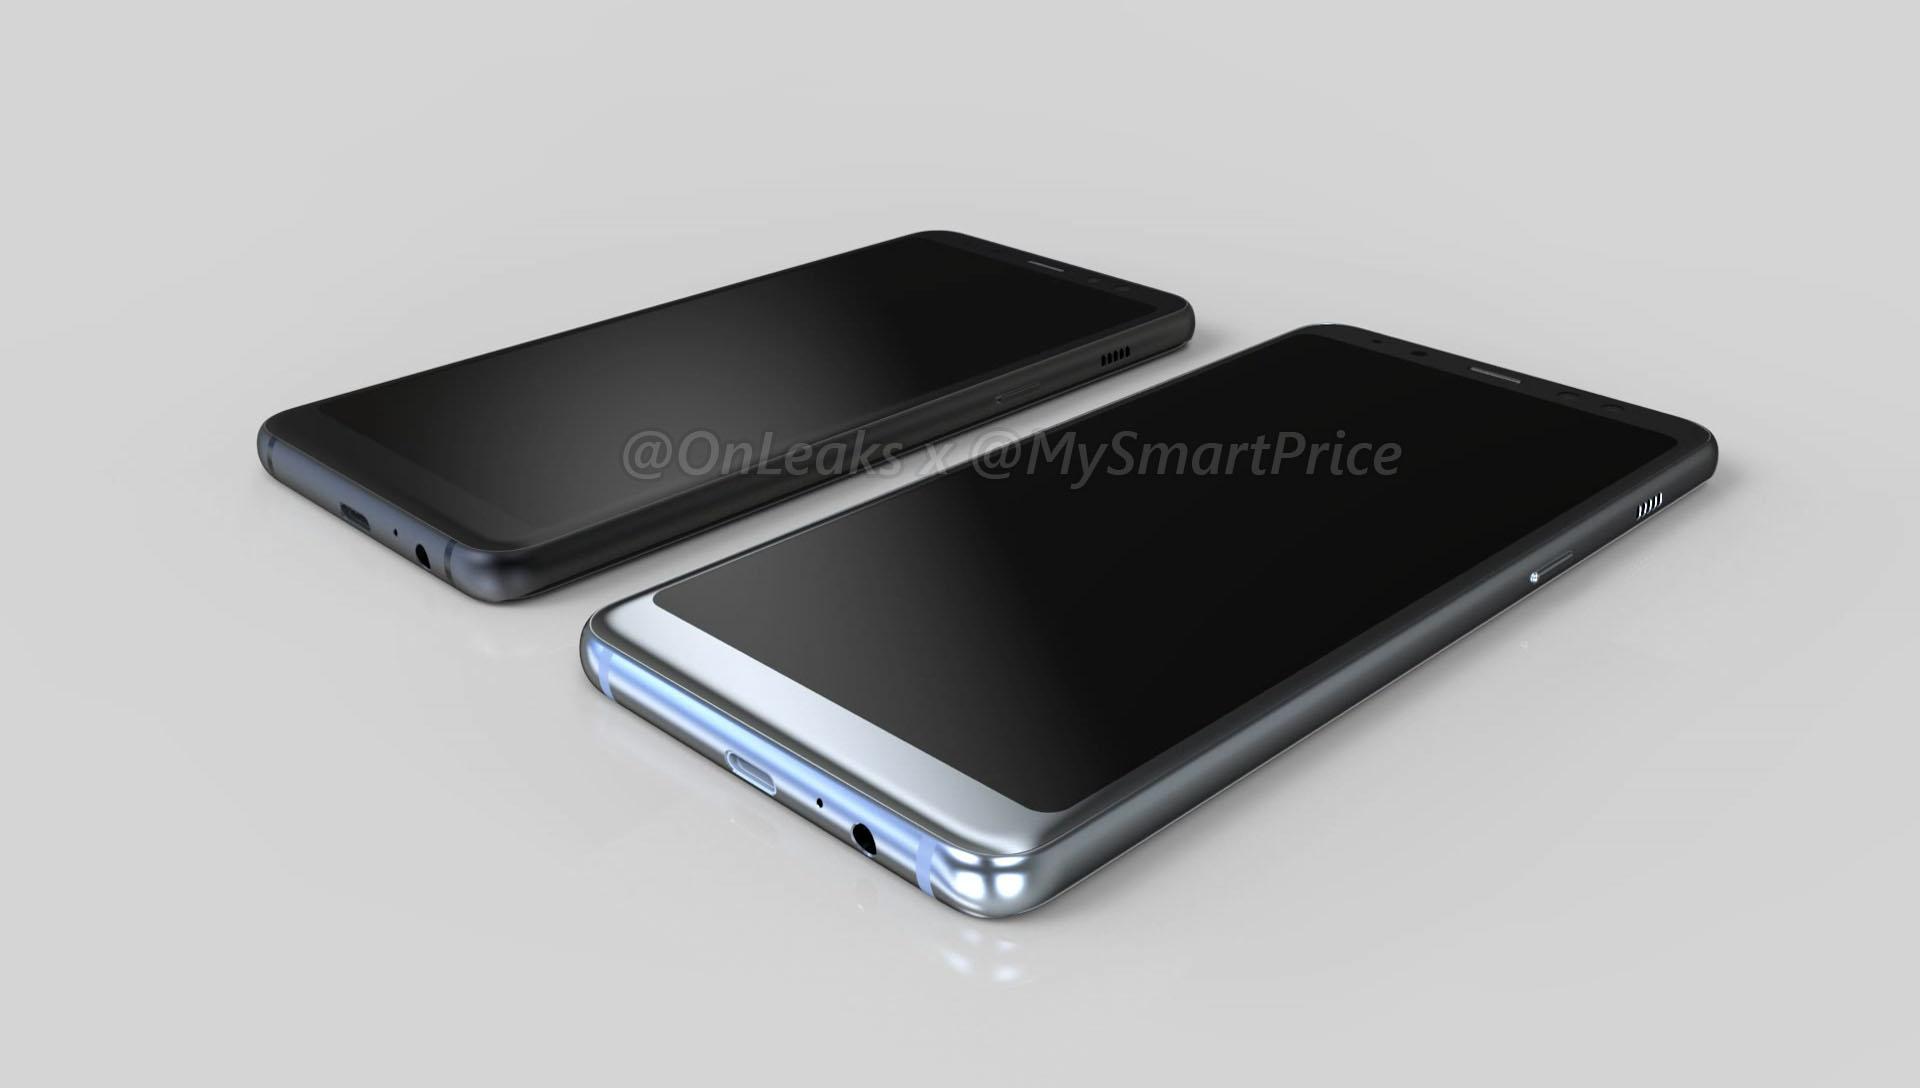 سامسونج غالاكسي A5 2018 سيكون سامسونج غالاكسي S8 البسيطة